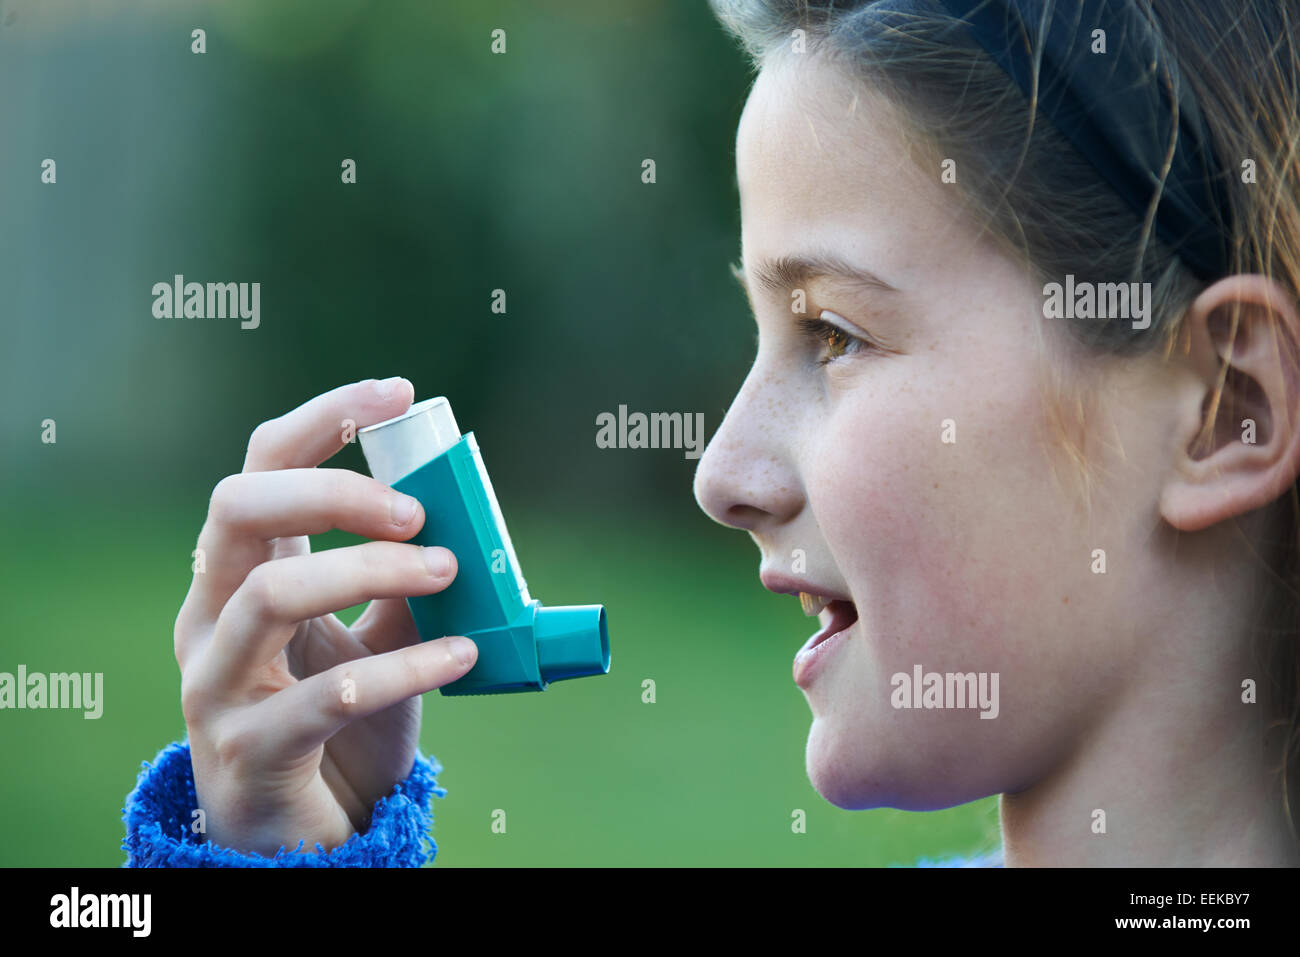 Chica utilizando inhalador para tratar ataques de asma Foto de stock